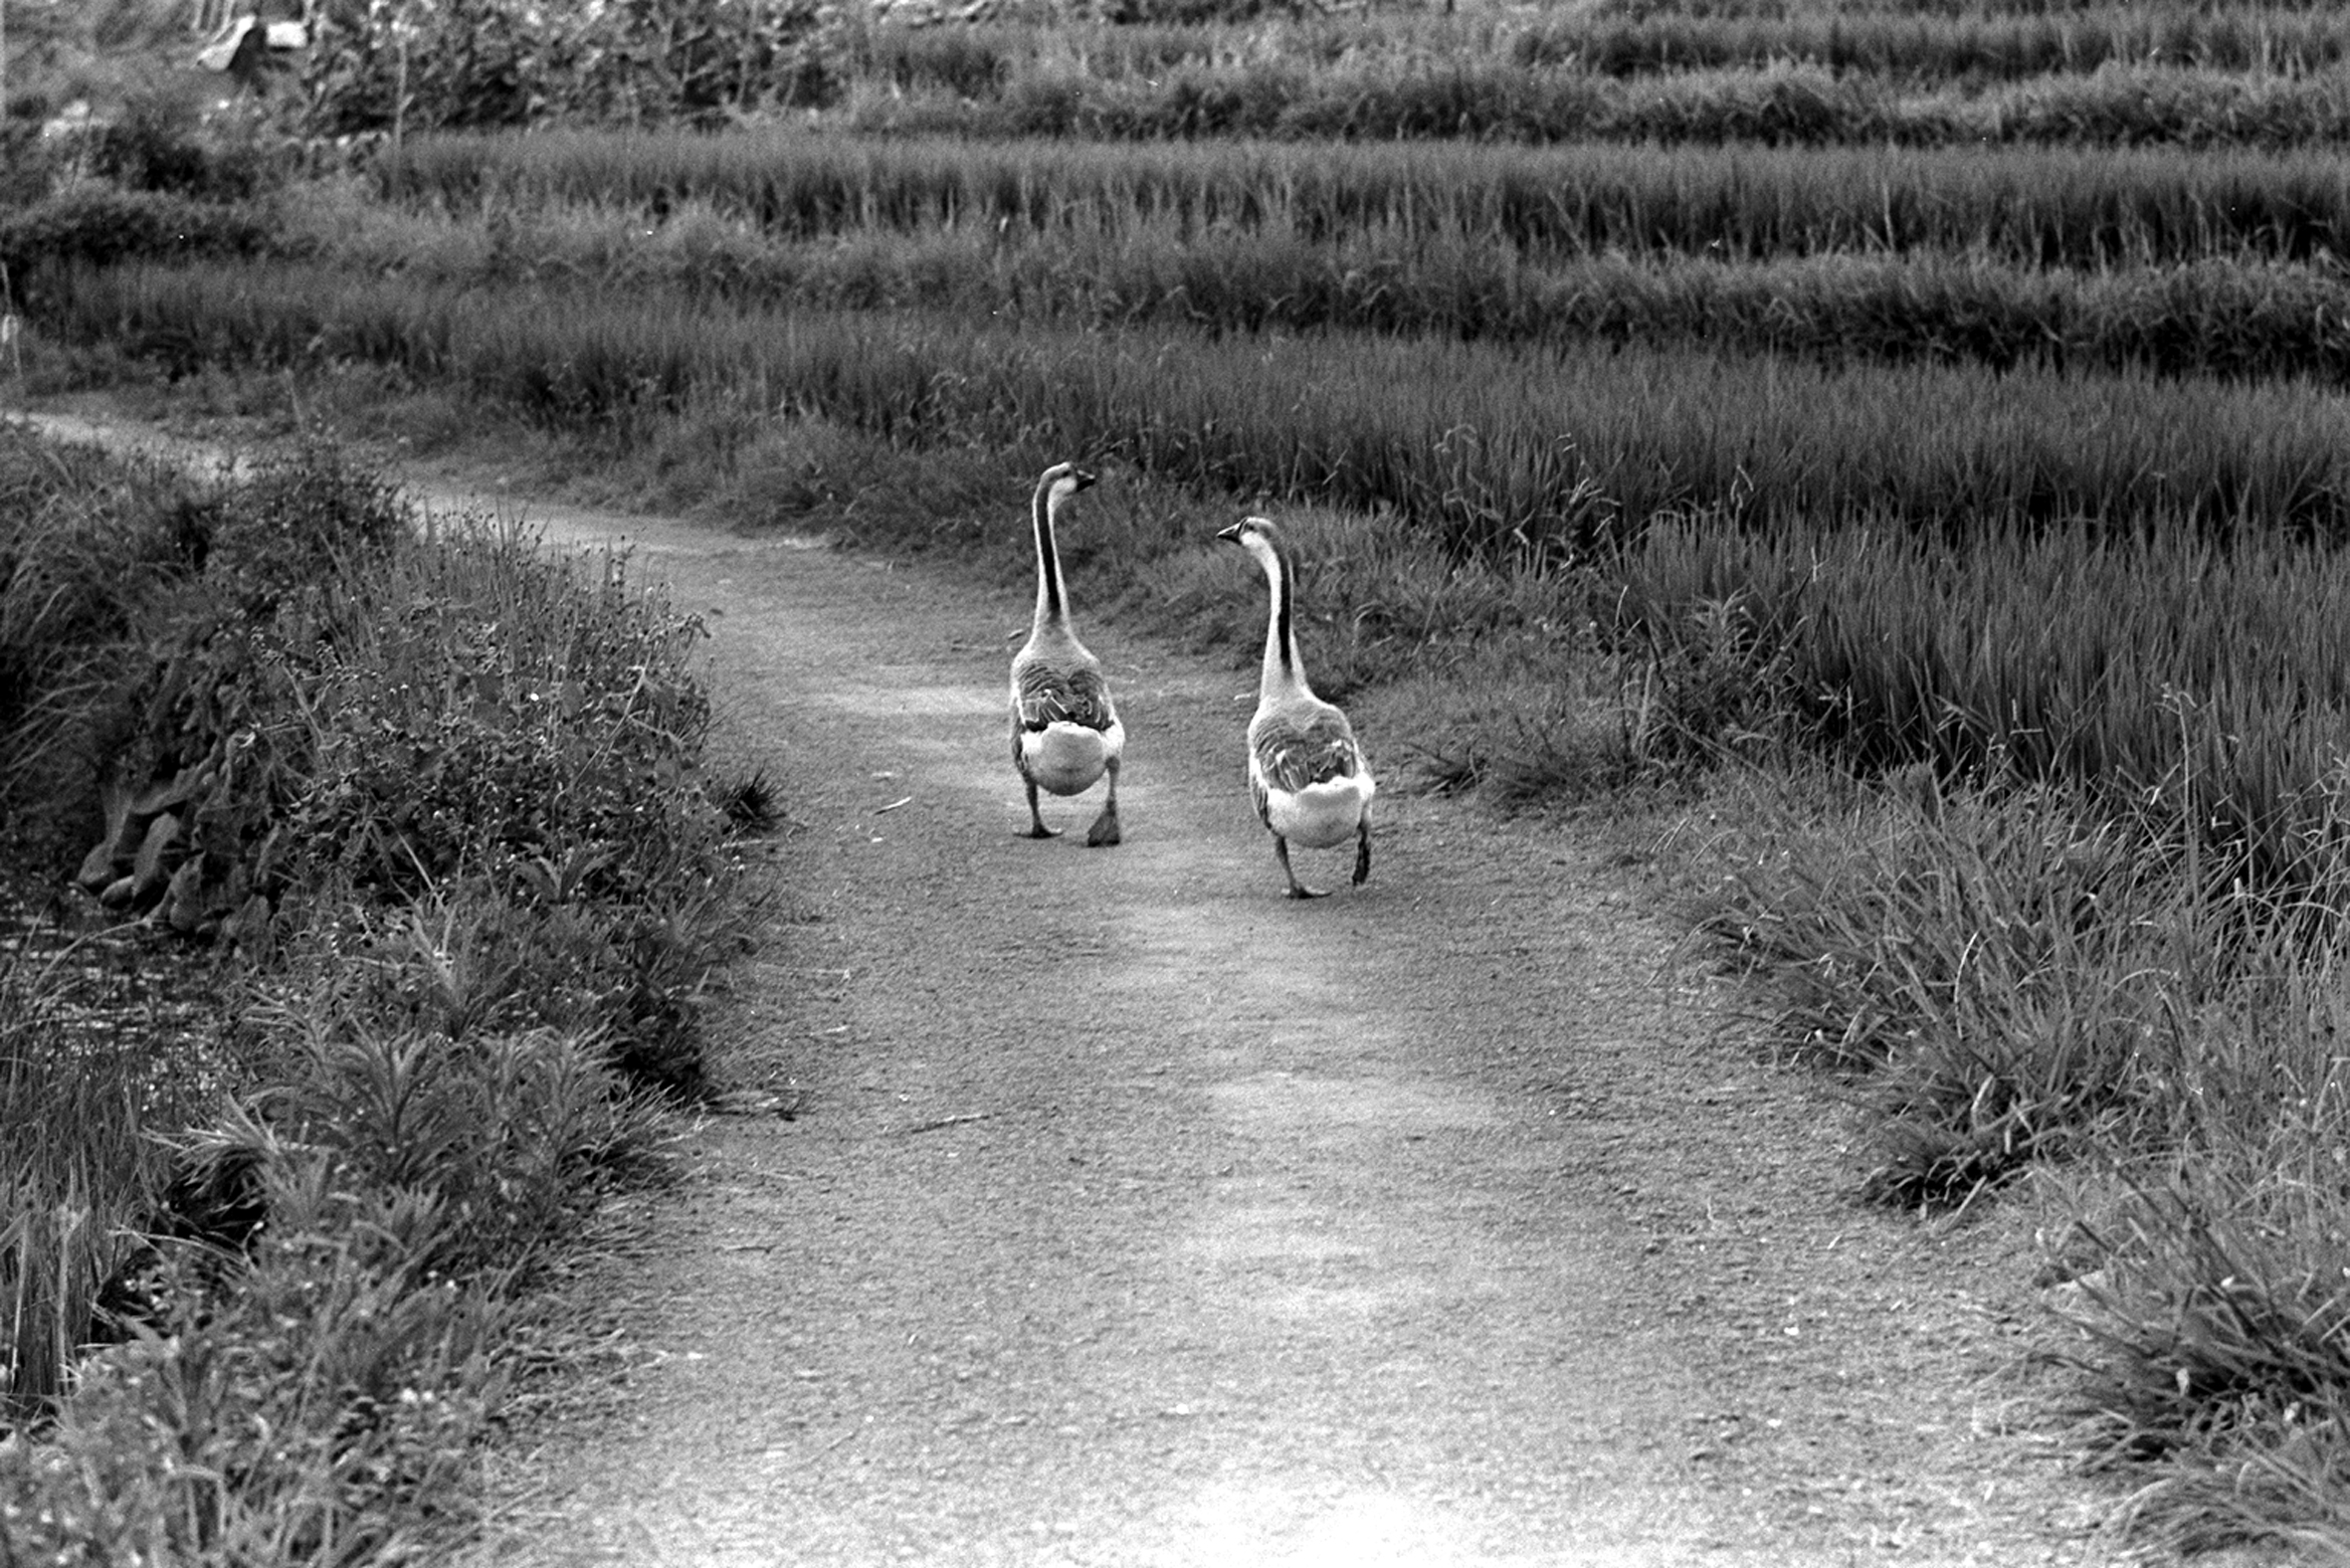 夫唱婦隨路不遠(竿蓁林) 1970.5.31